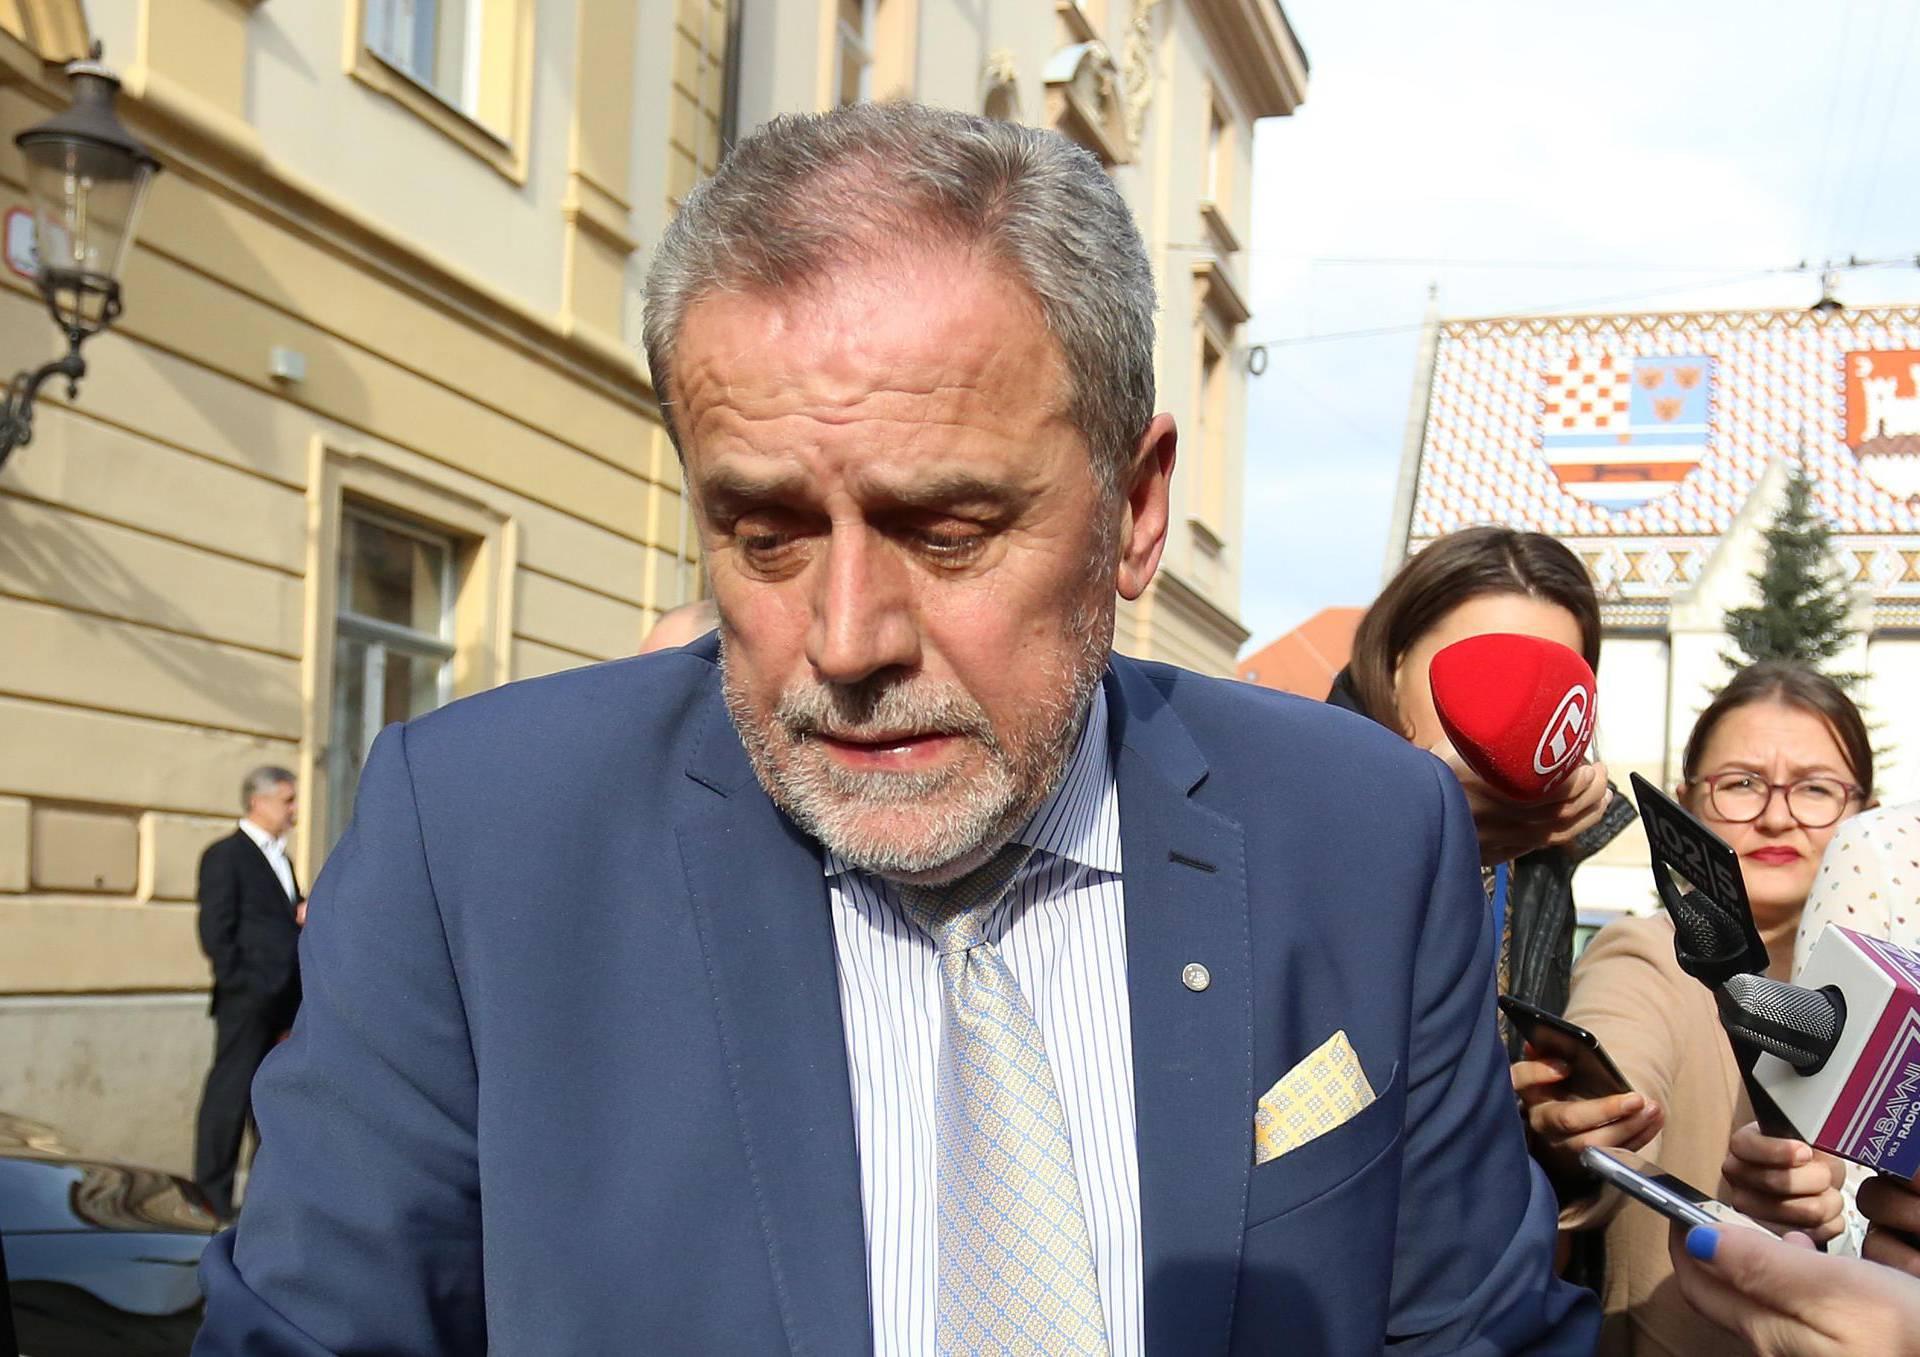 Zagreb: Gradonačelnik Bandić napustio viječnicu uoči glasovanja o proračunu